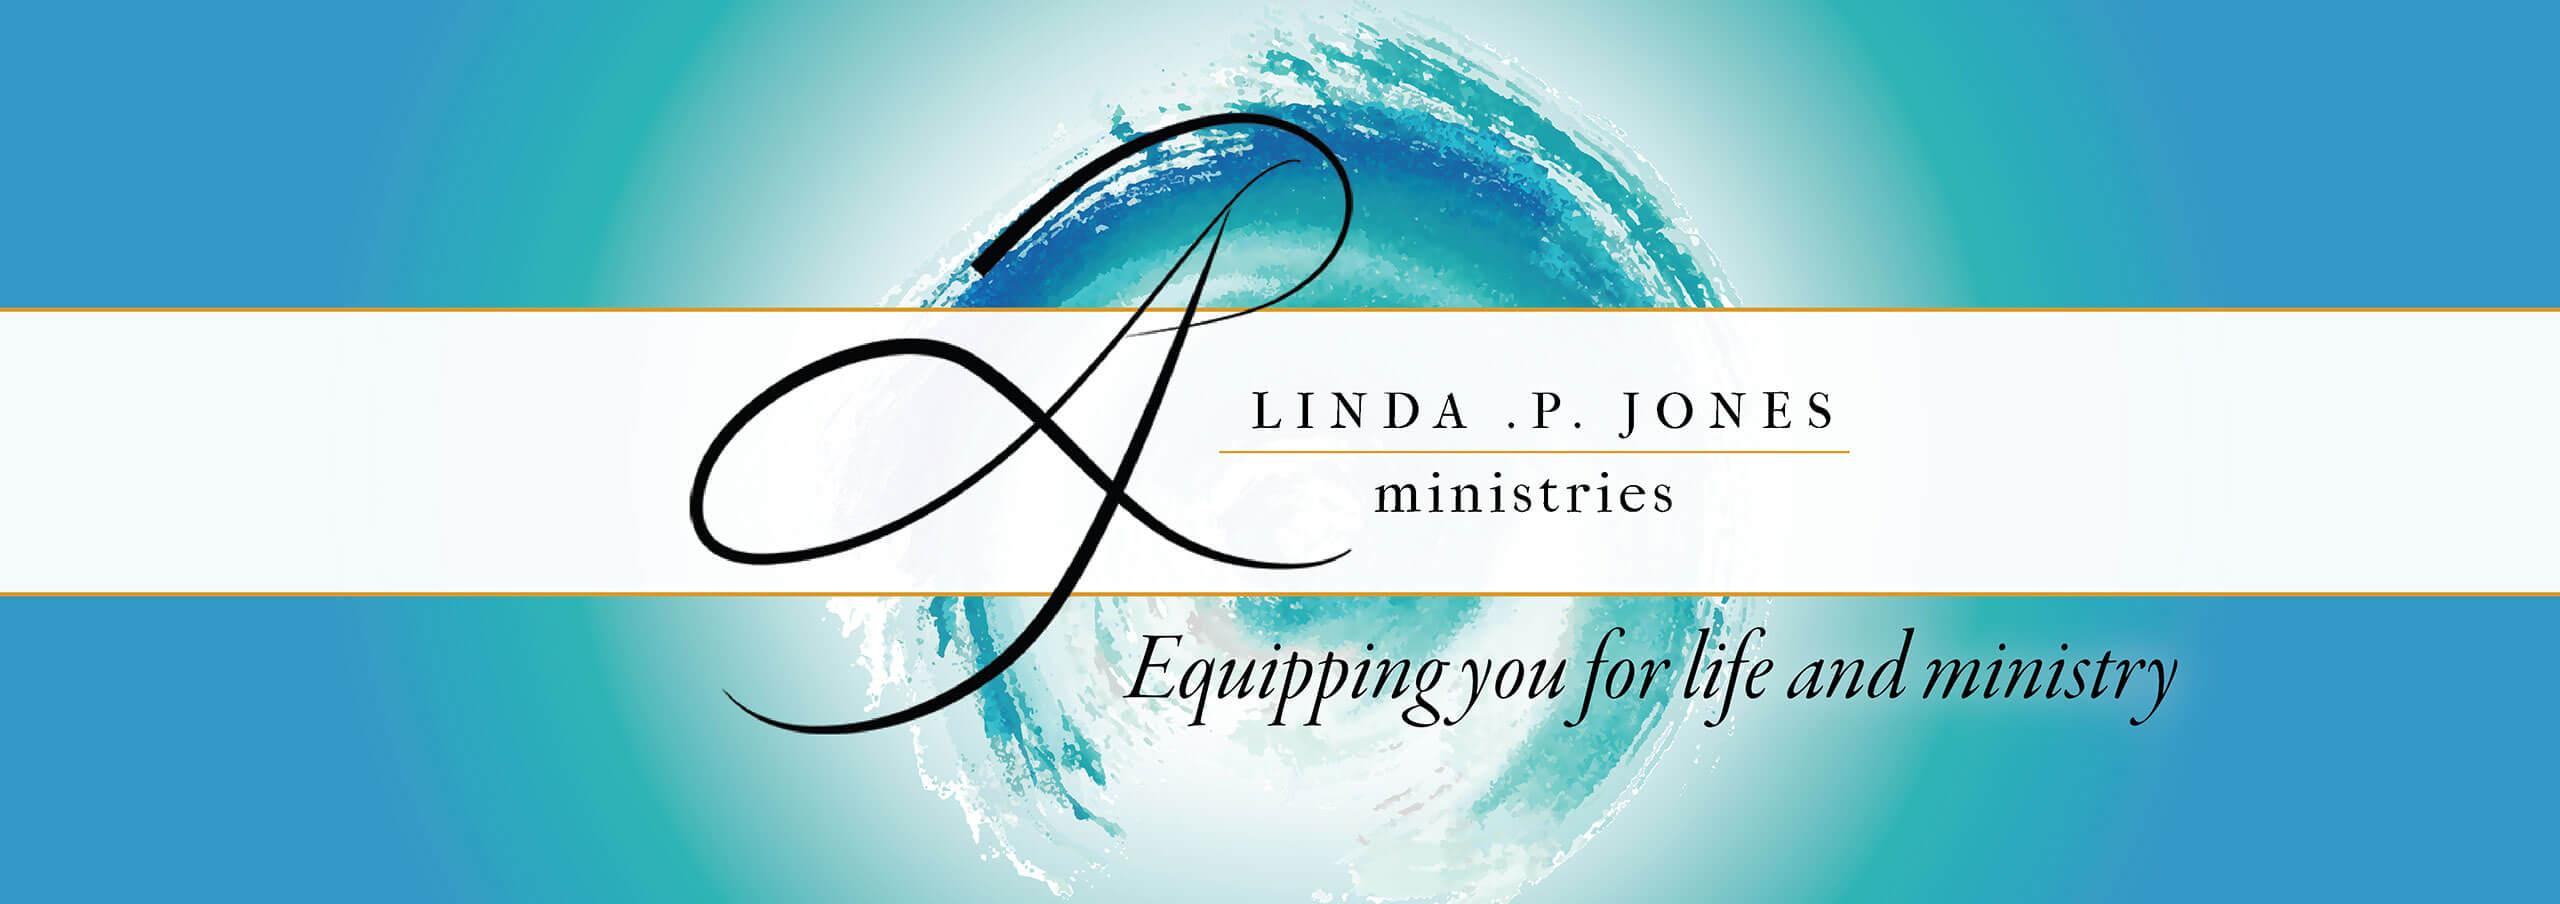 Lilnda P. Jones Logo